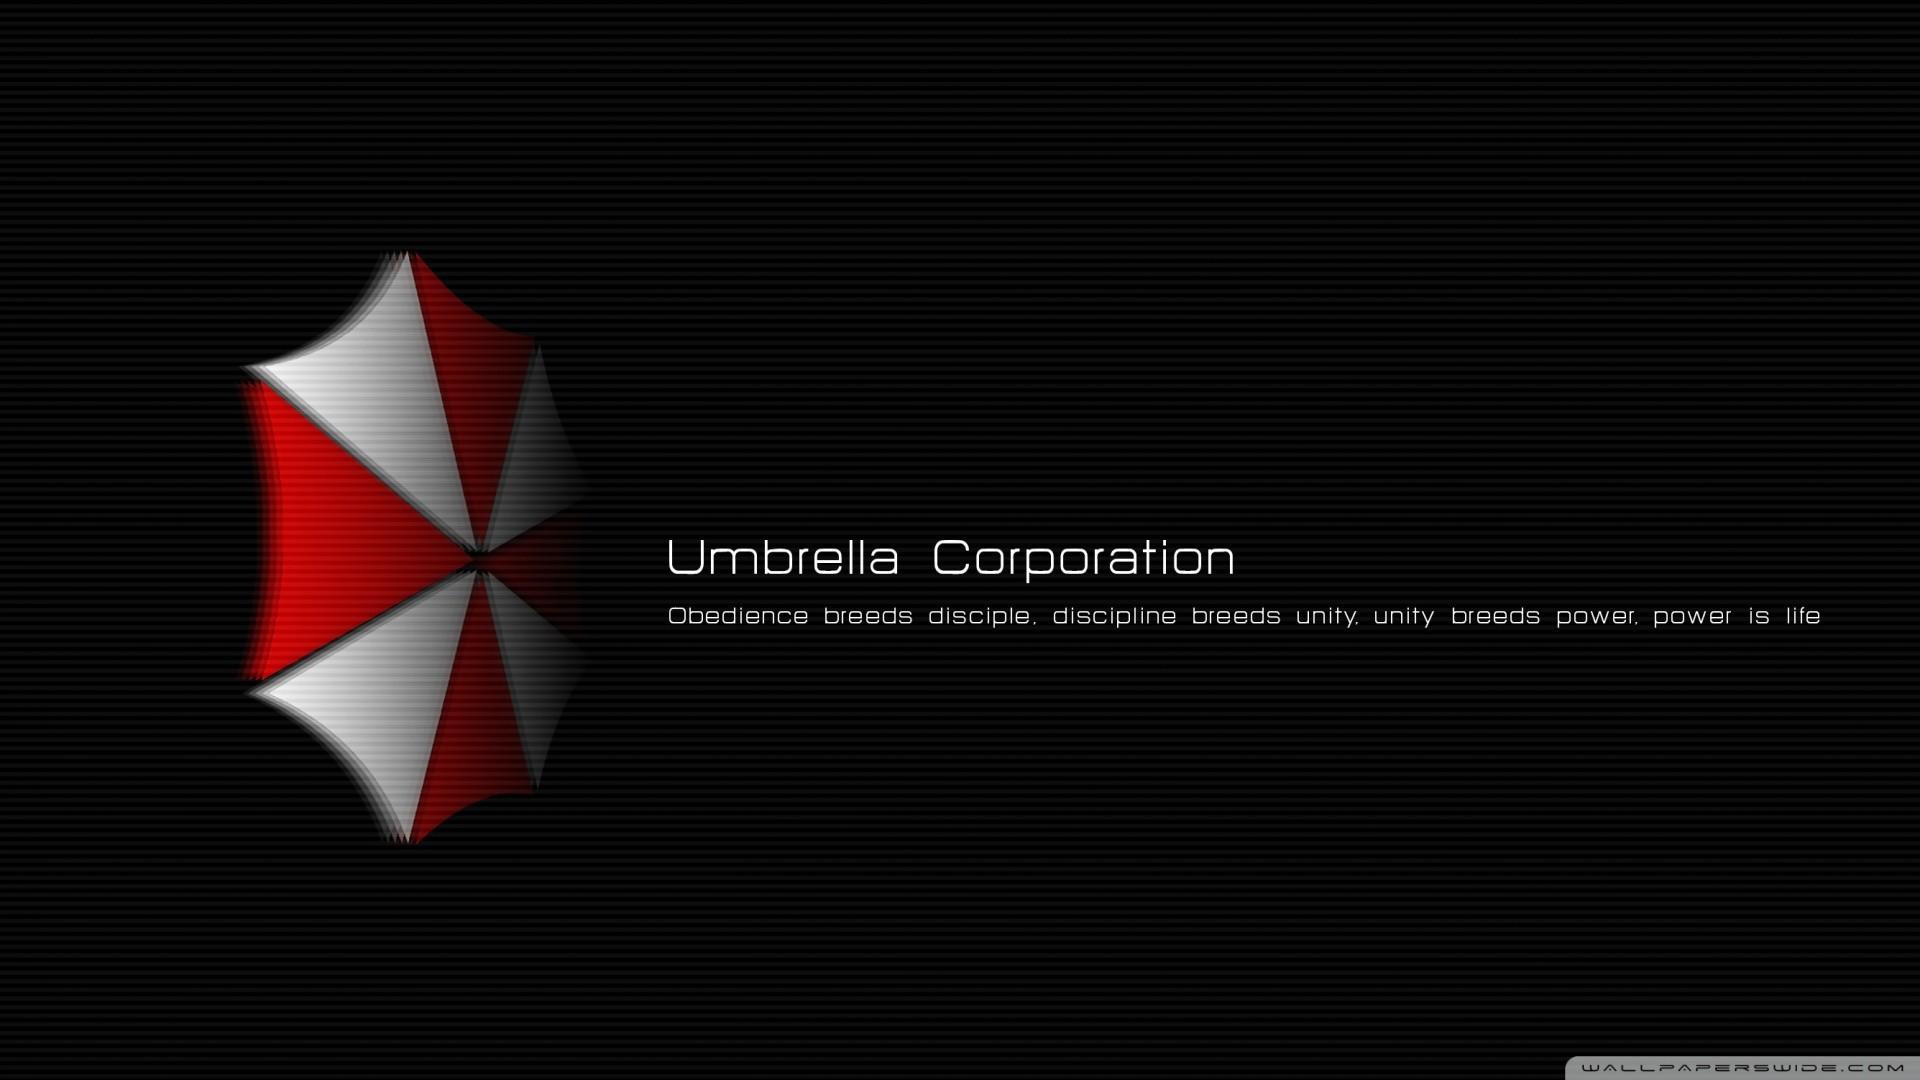 Umbrella Corporation Wallpaper 1080p Umbrella Corporation B...